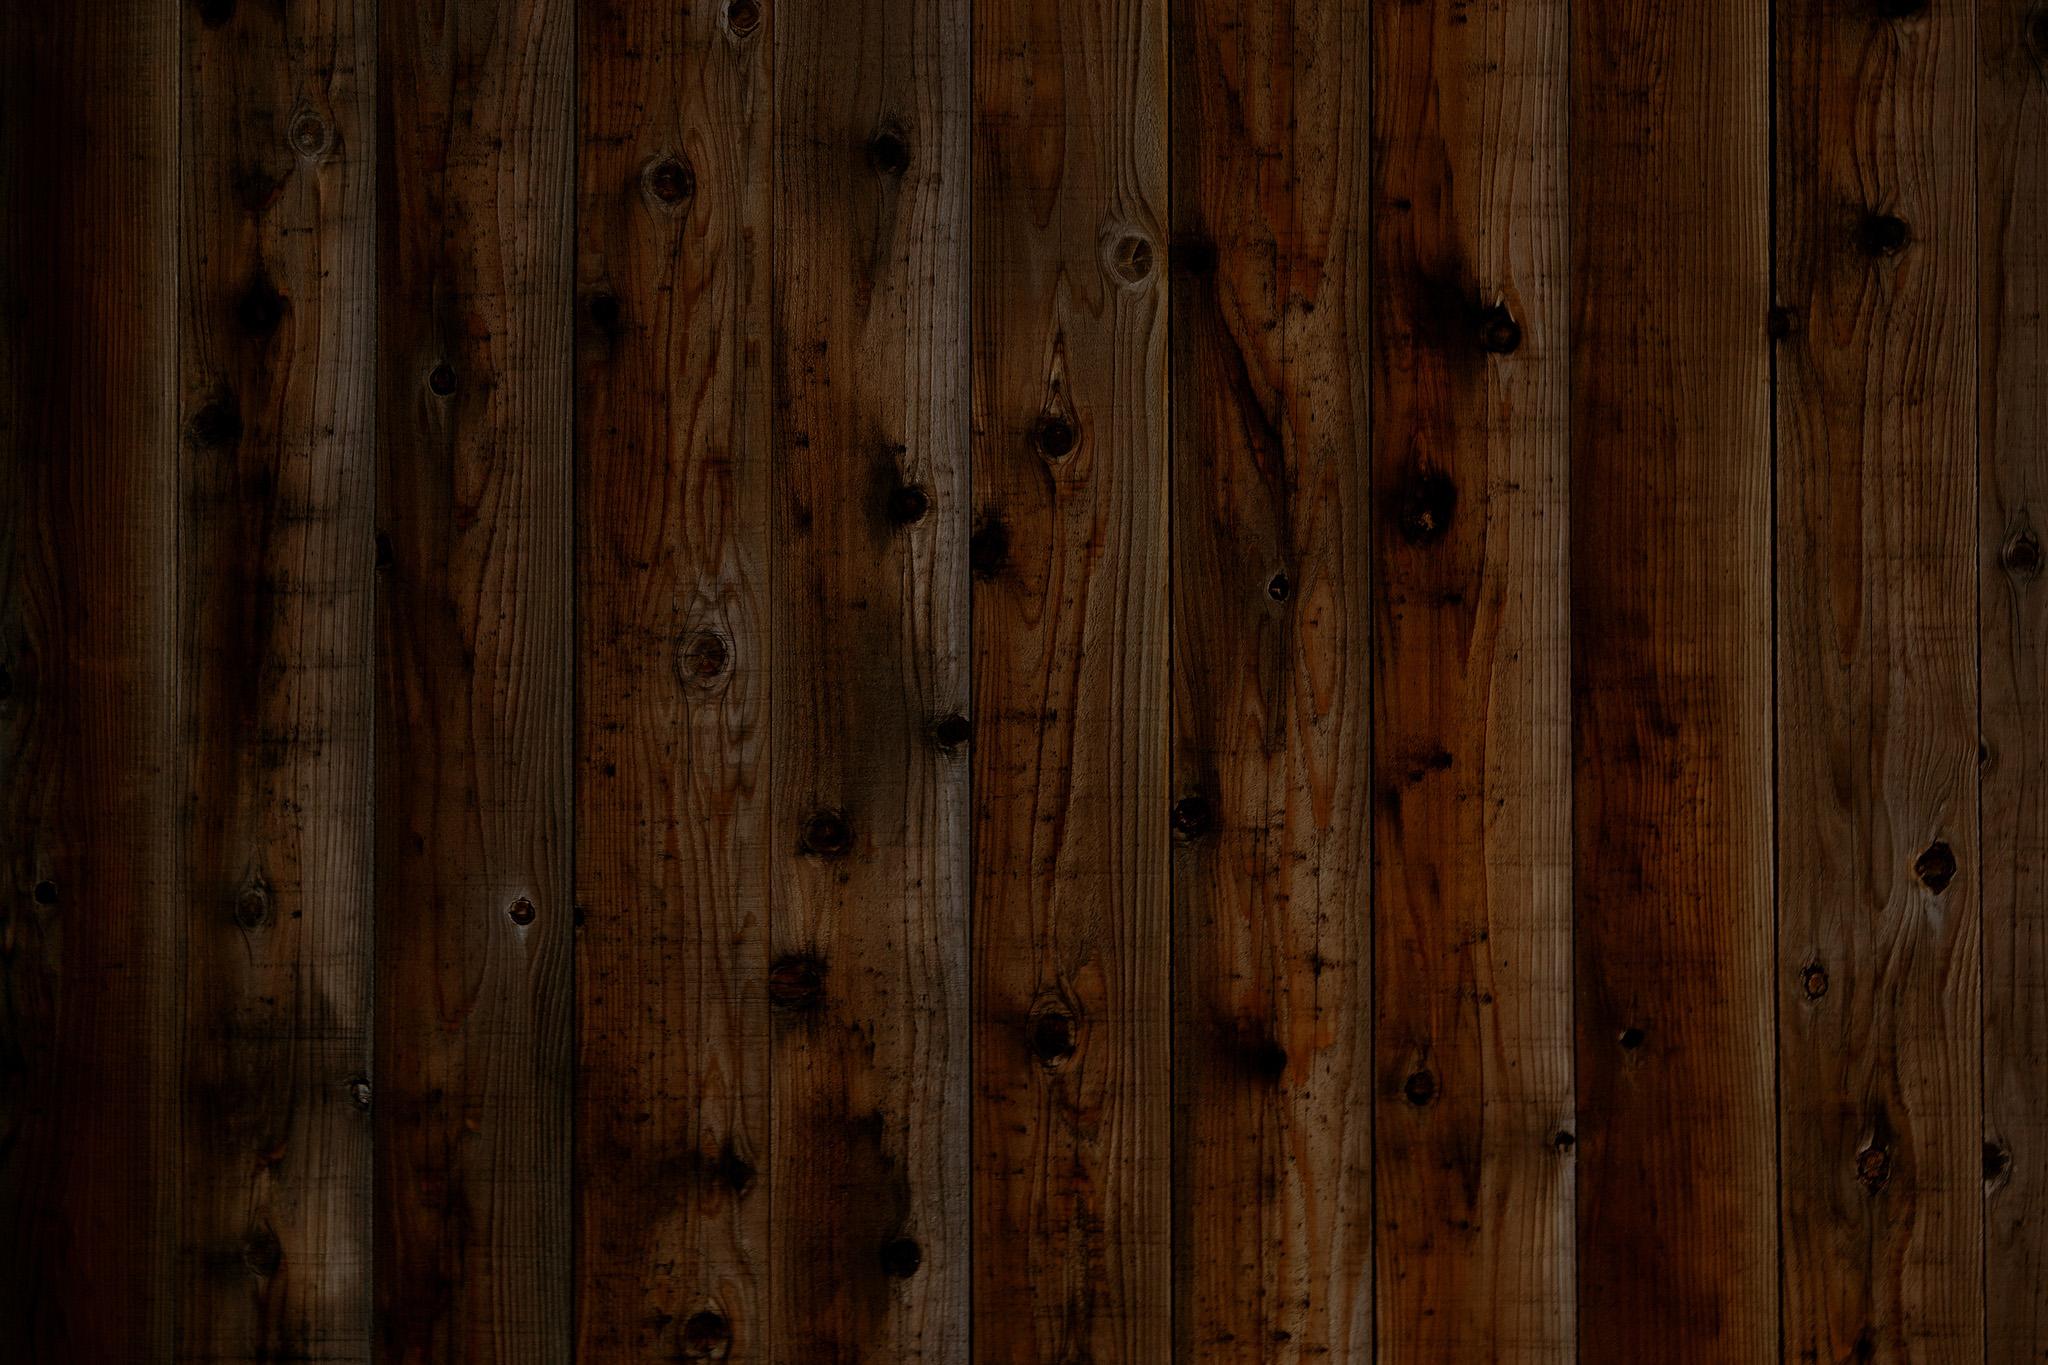 「和風の板の塀」